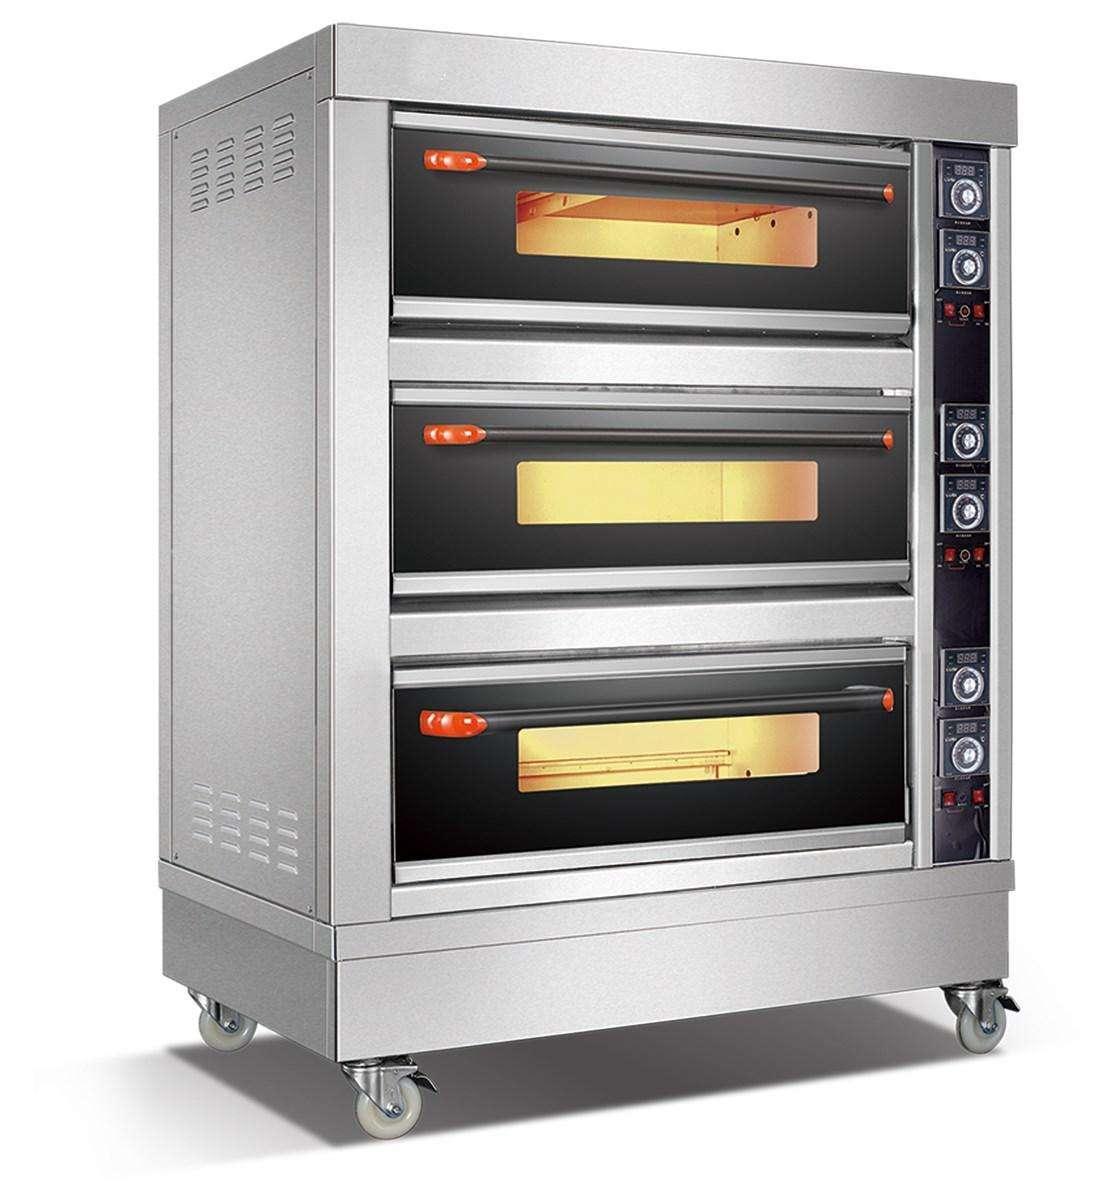 三层燃气烤箱